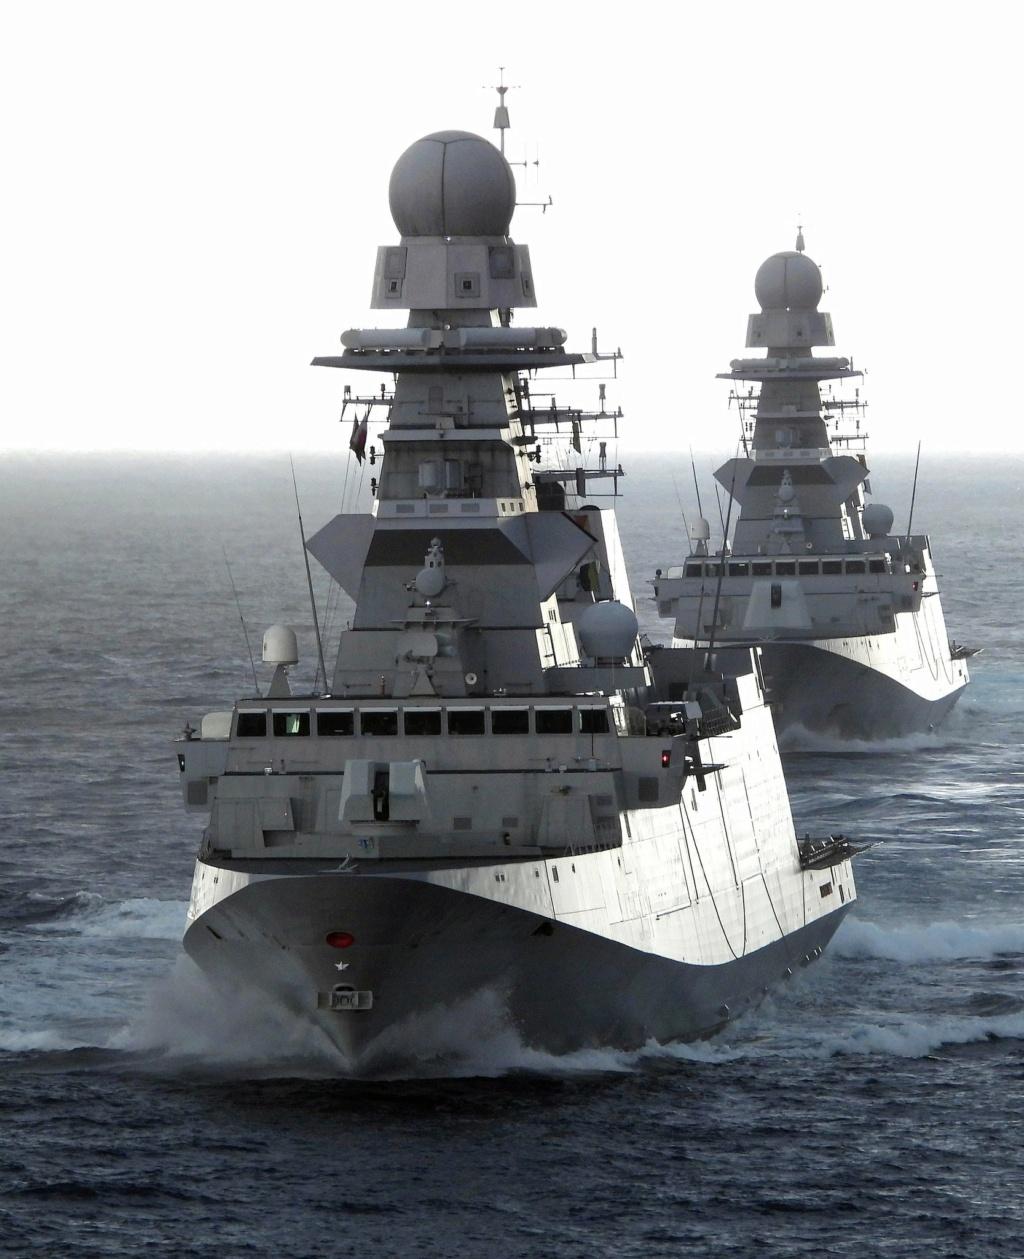 رسميا : فرقاطتي فريم ايطالية للبحرية المصرية Ejwhgi10